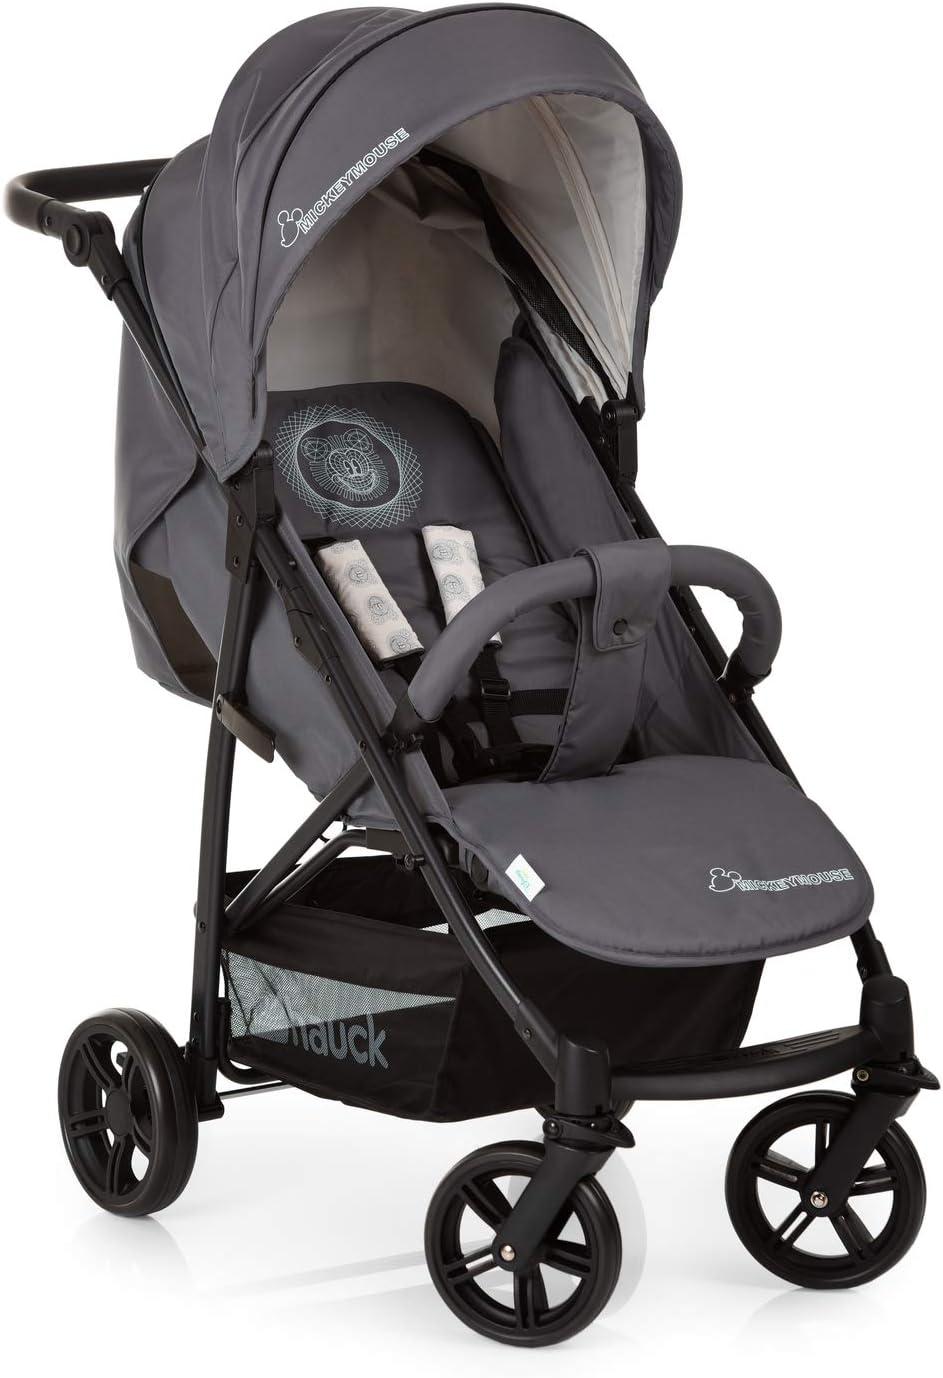 Hauck Rapid 4X Silla de paseo ligera desde nacimiento hasta 25 kg, Niños, Gris